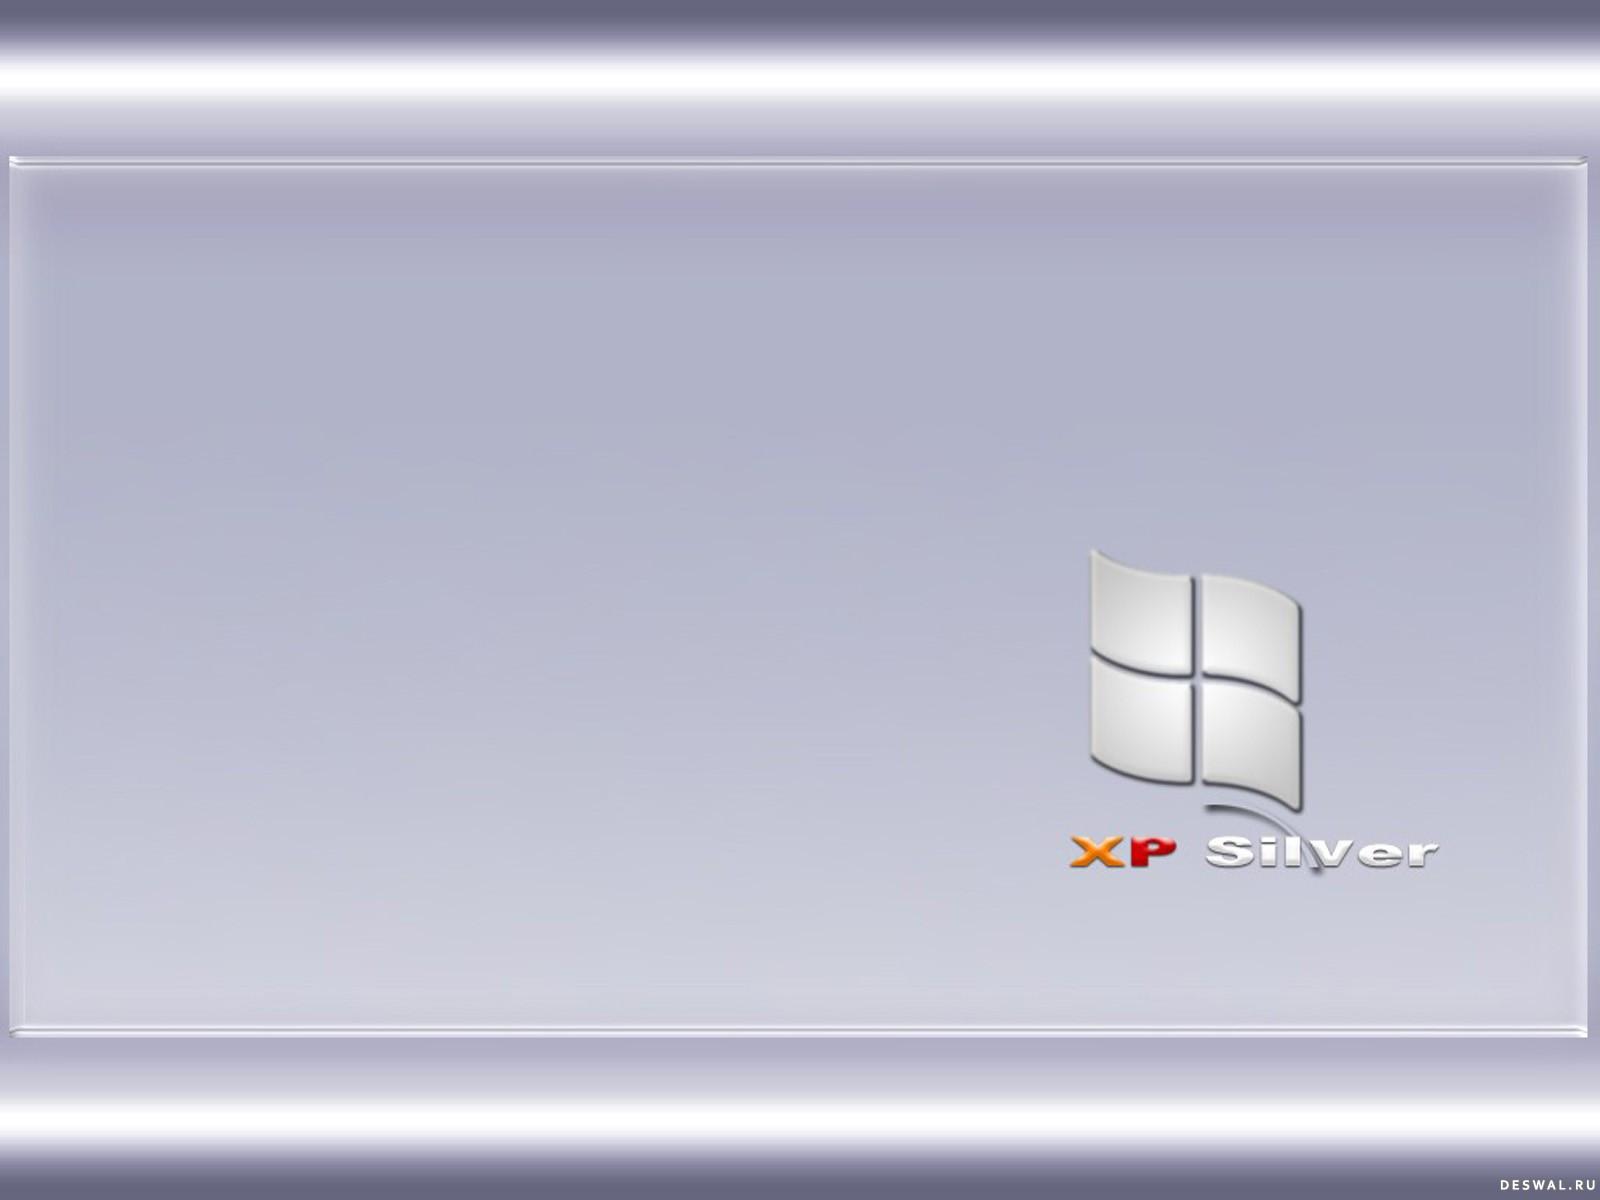 Фото 53. Нажмите на картинку с обоями windows, чтобы просмотреть ее в реальном размере